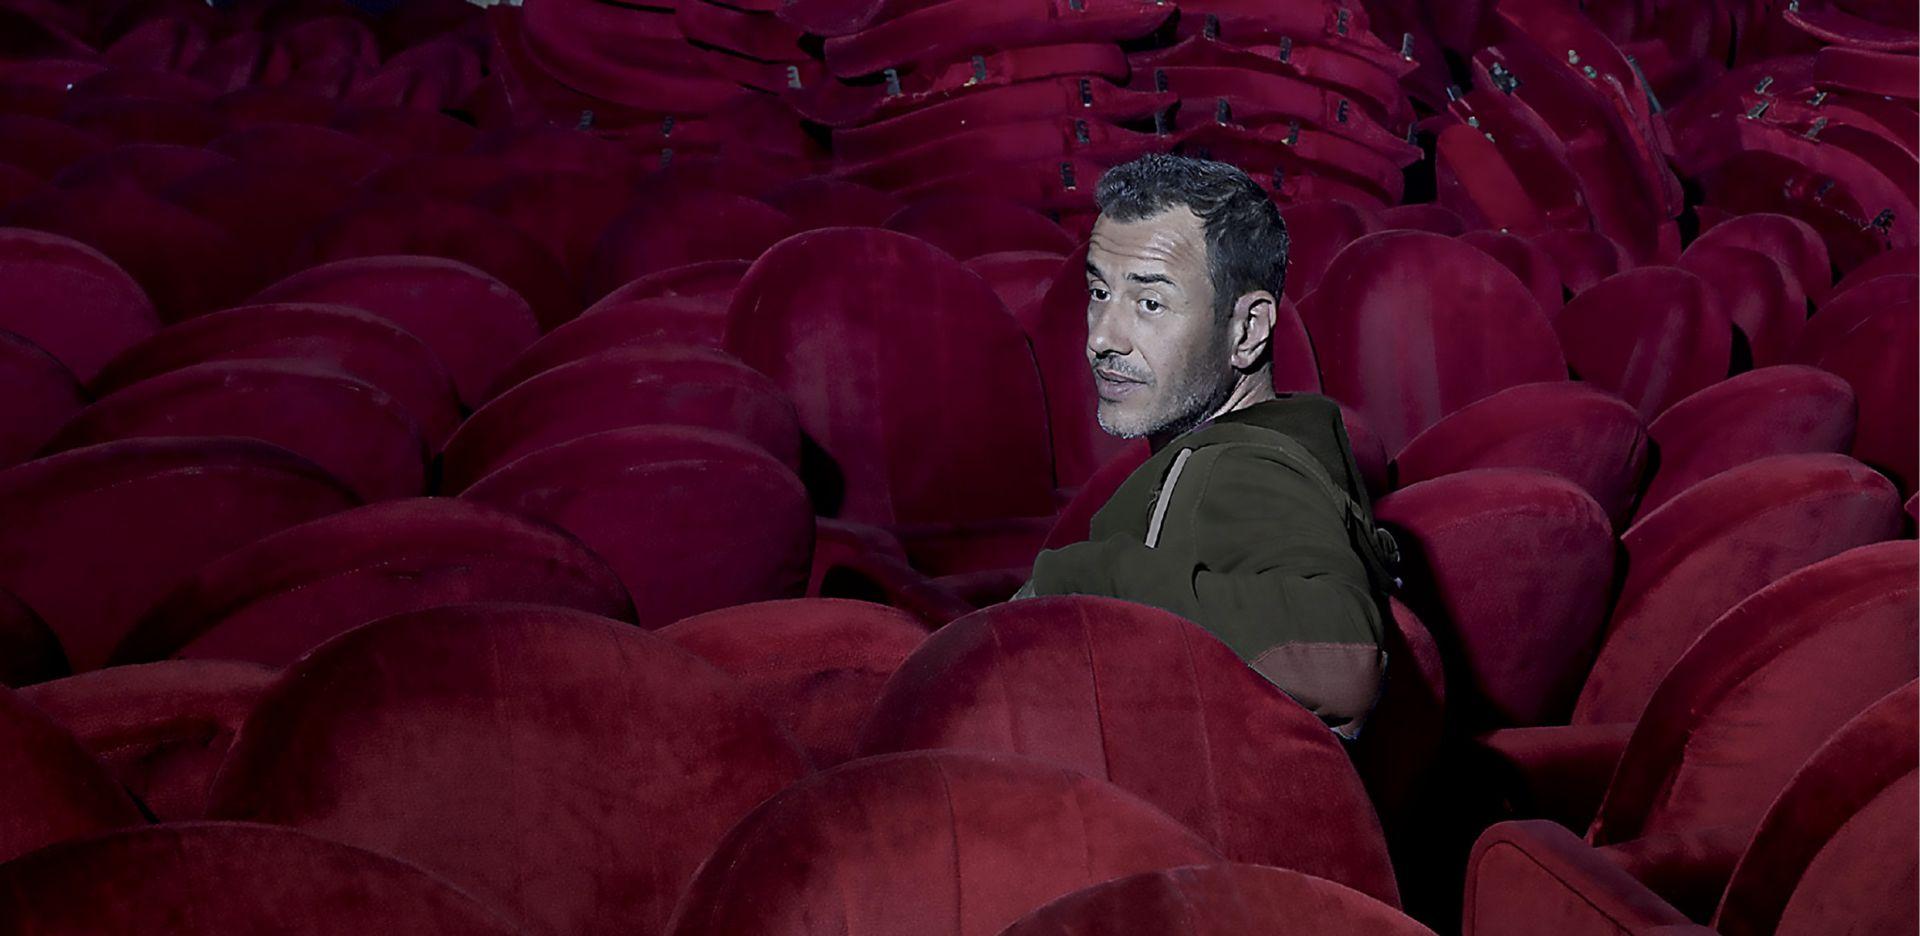 GARRONE 'Osnovno pitanje filma 'Dogman' je kako nasilje ulazi u život potpuno miroljubive osobe'